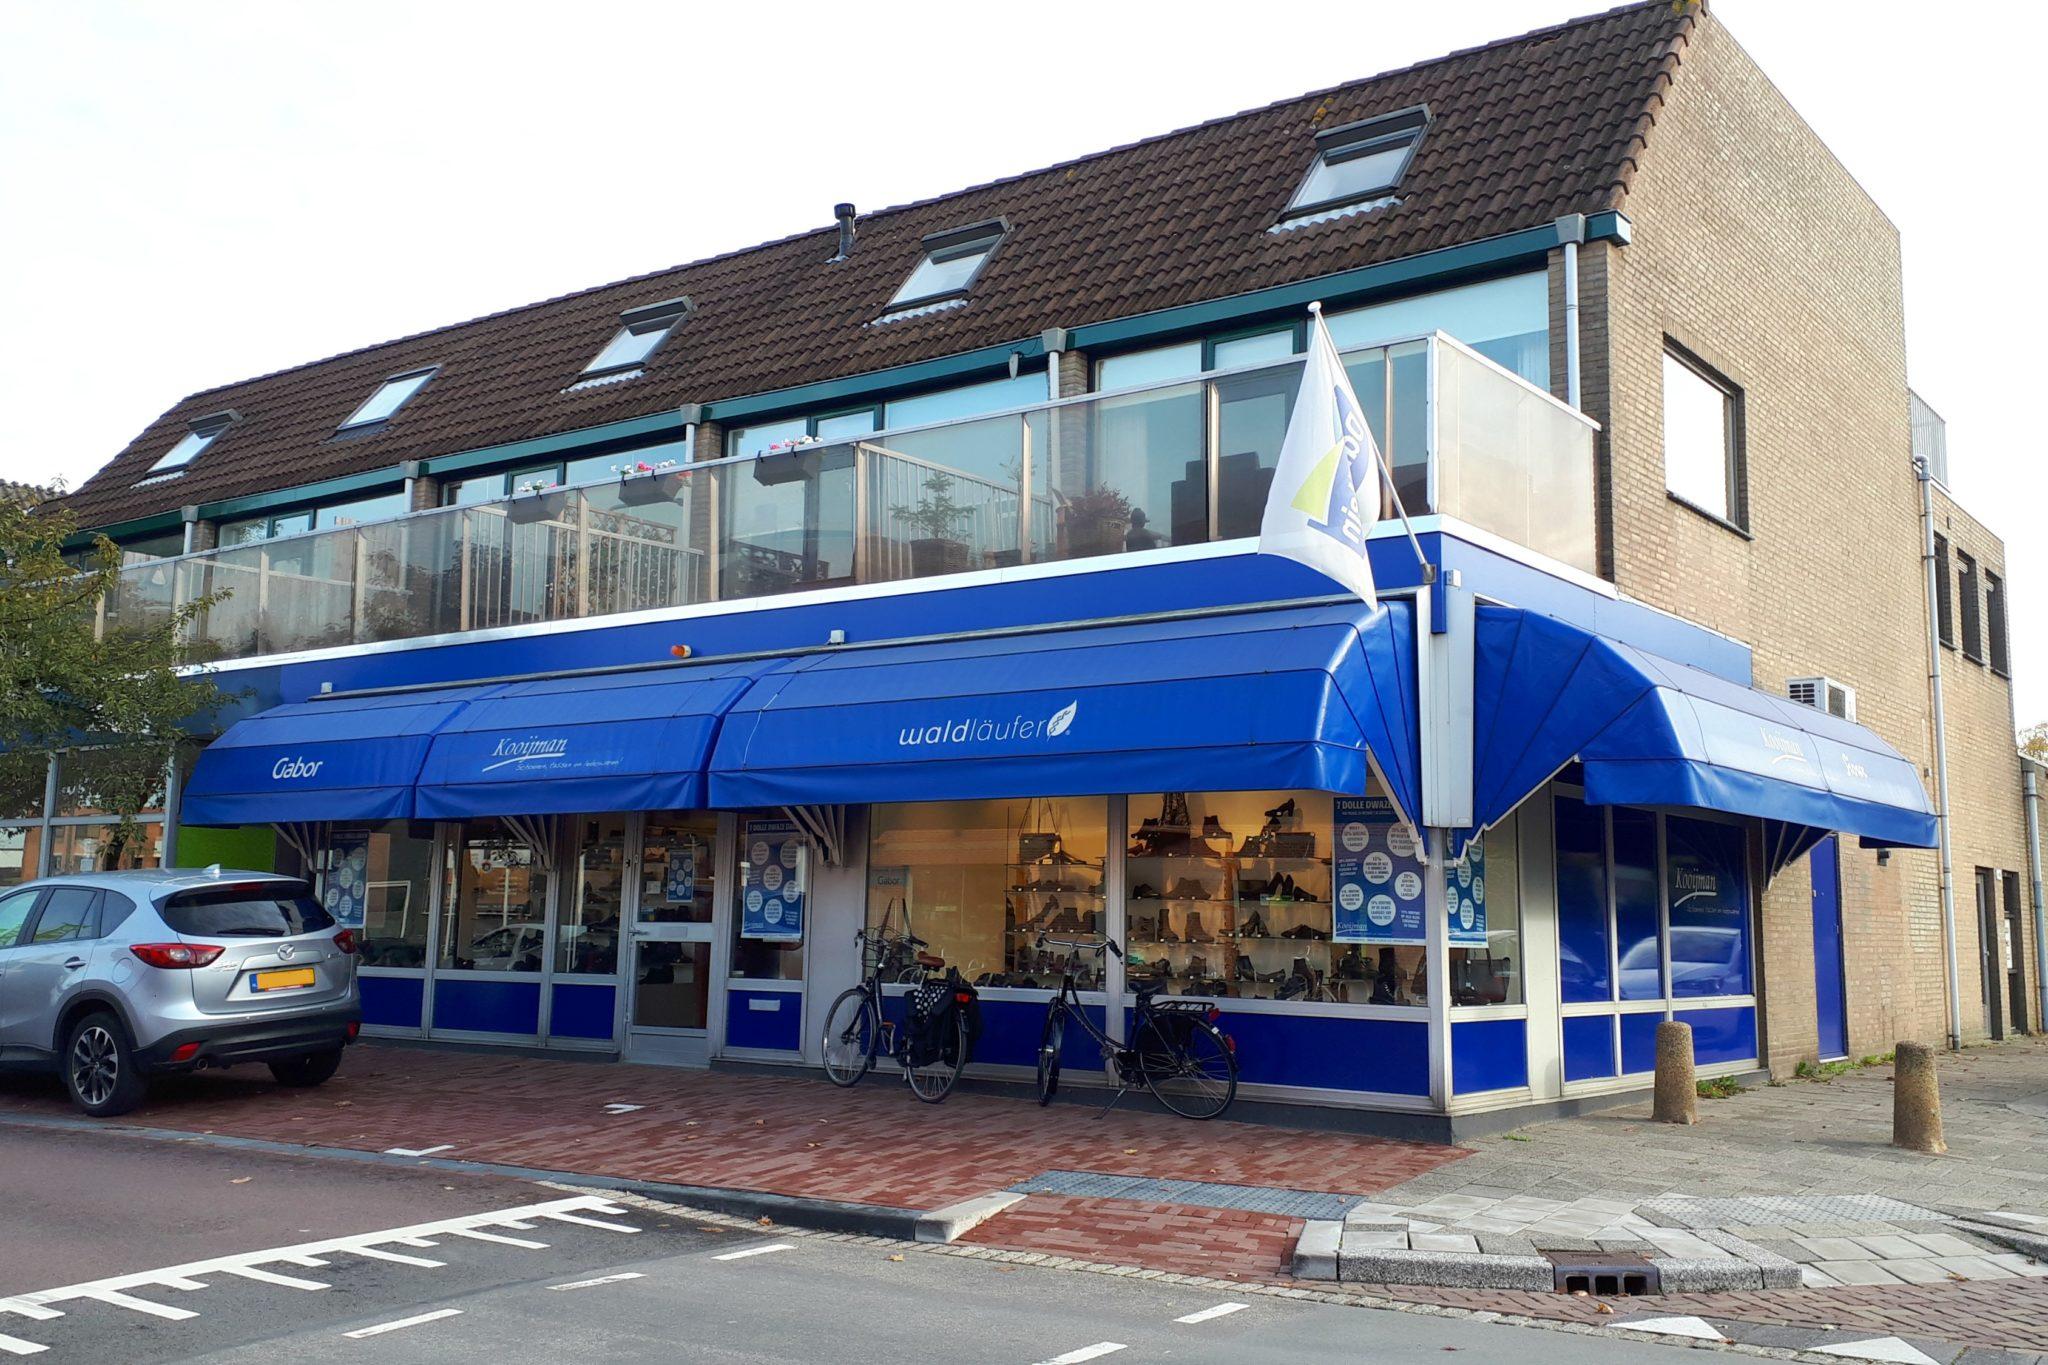 Kooijman Schoenen Dubbeldam - indebuurt Dordrecht